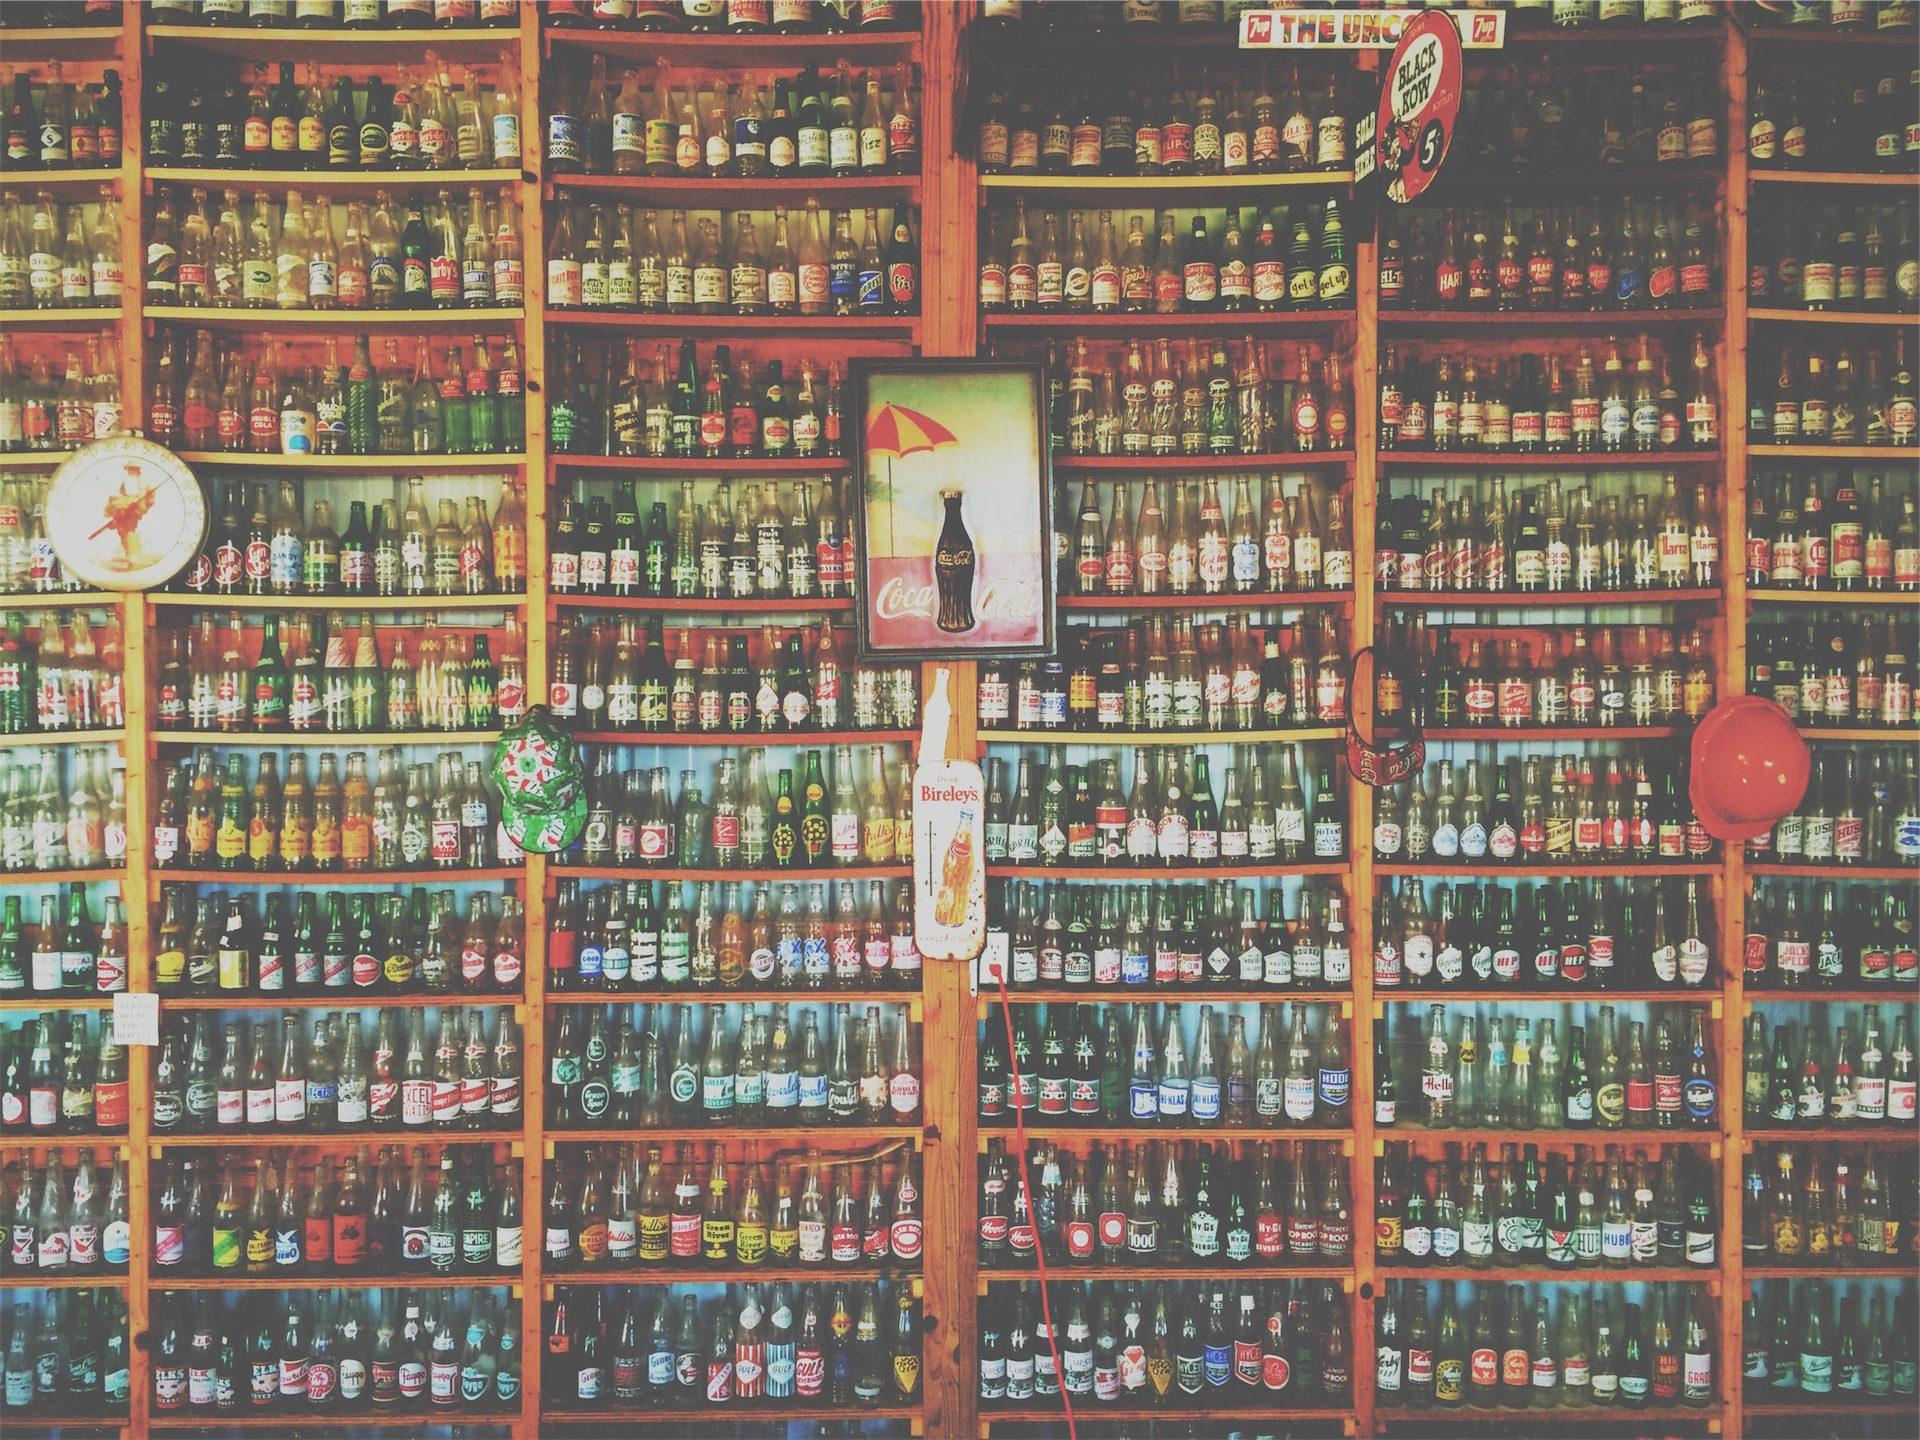 bouteilles, boissons non alcoolisées, bière, rayonnage, collection - Fonds d'écran HD - Professor-falken.com